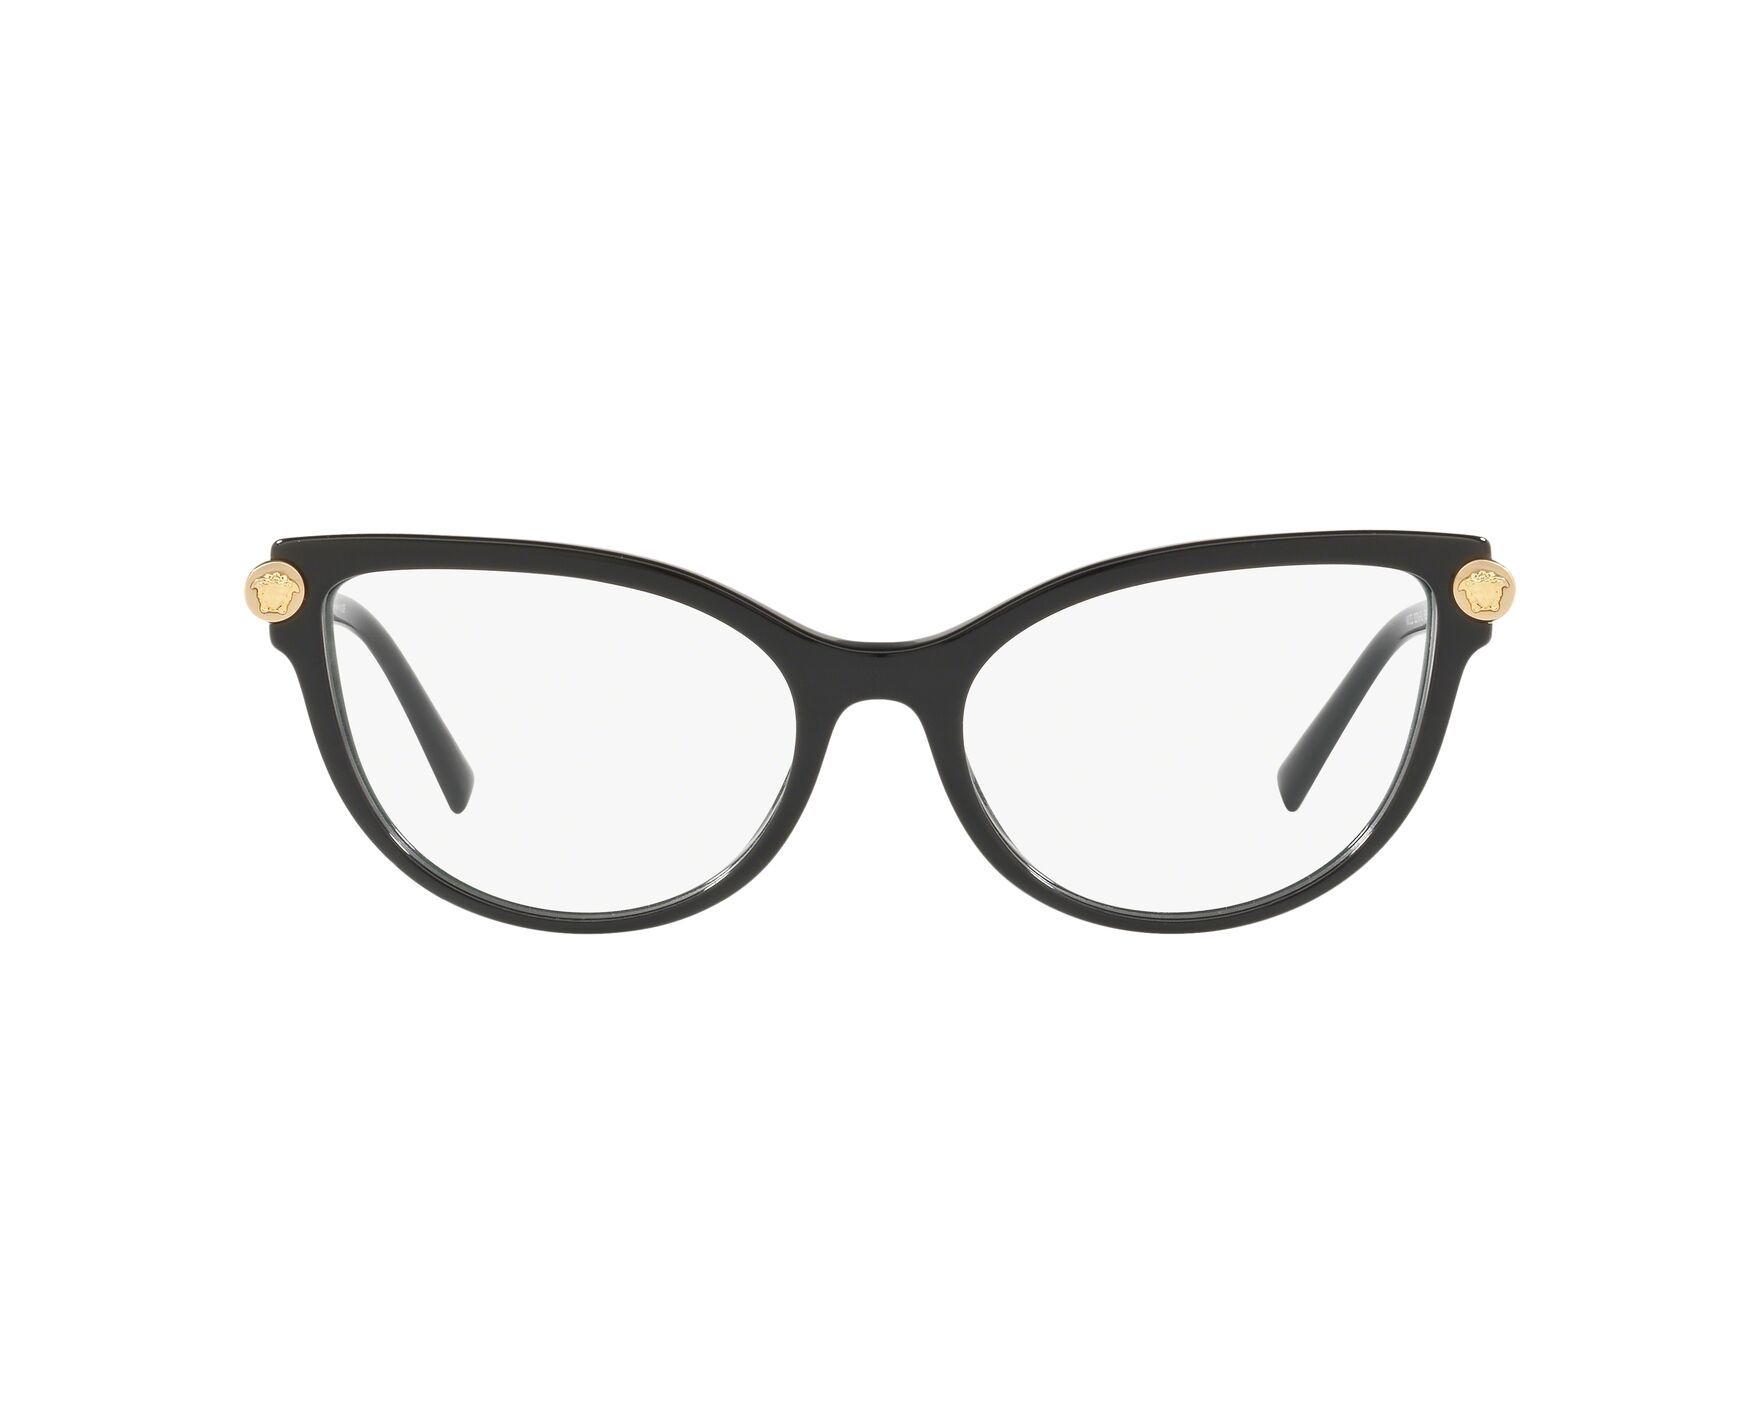 d74f4b0795 Gafas Graduadas Versace VE-3270-Q GB1 54-17 Negra Oro Vista de